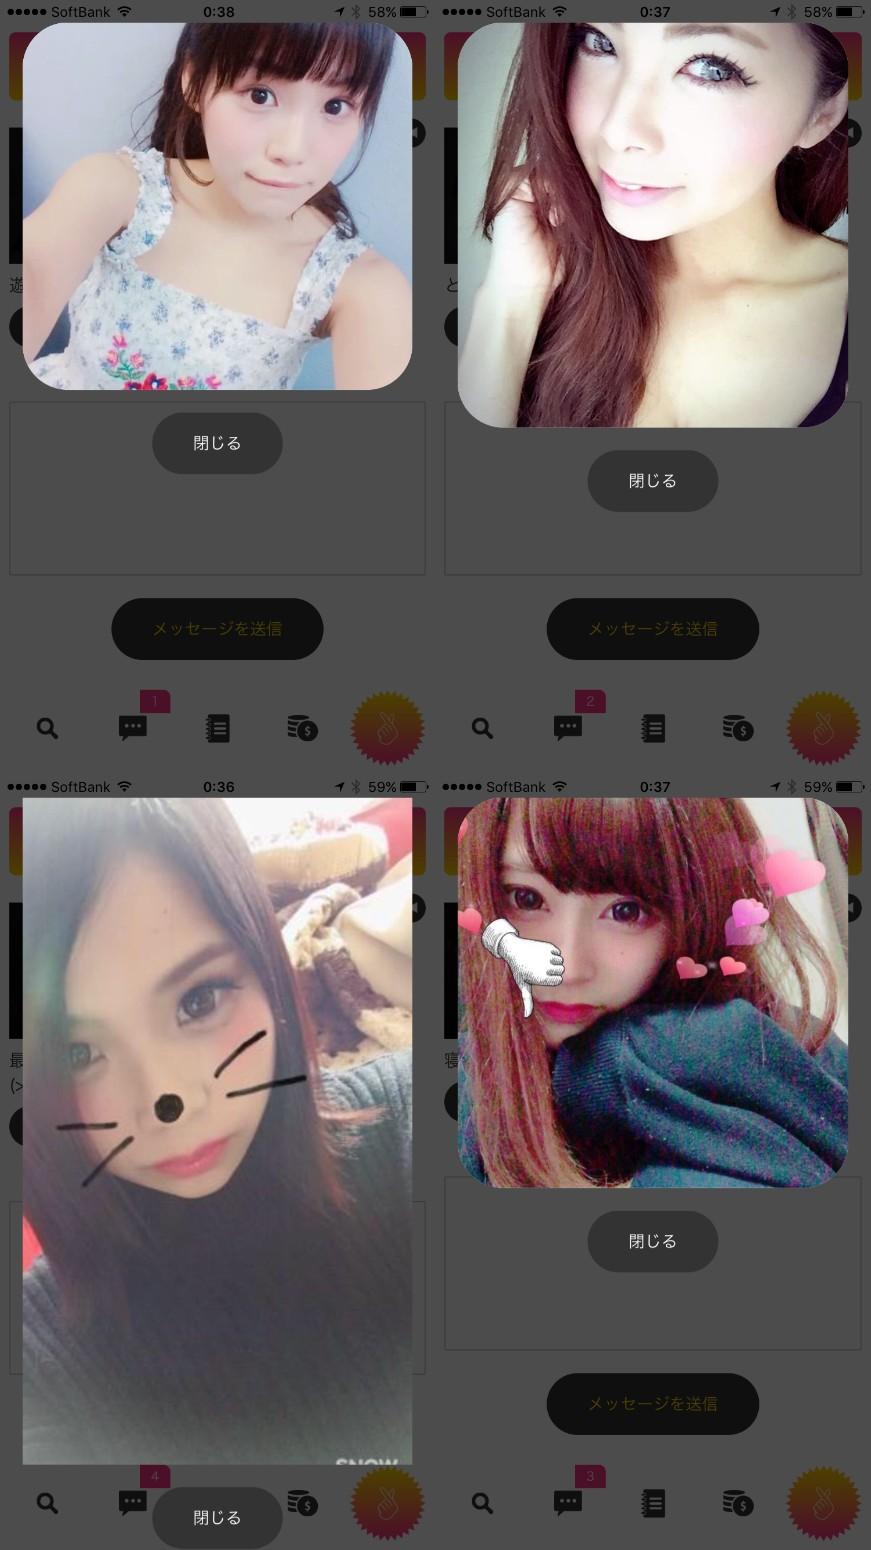 ソーシャルネットワーキングシステム(sns)のfeeling【フィーリング】サクラ達の画像